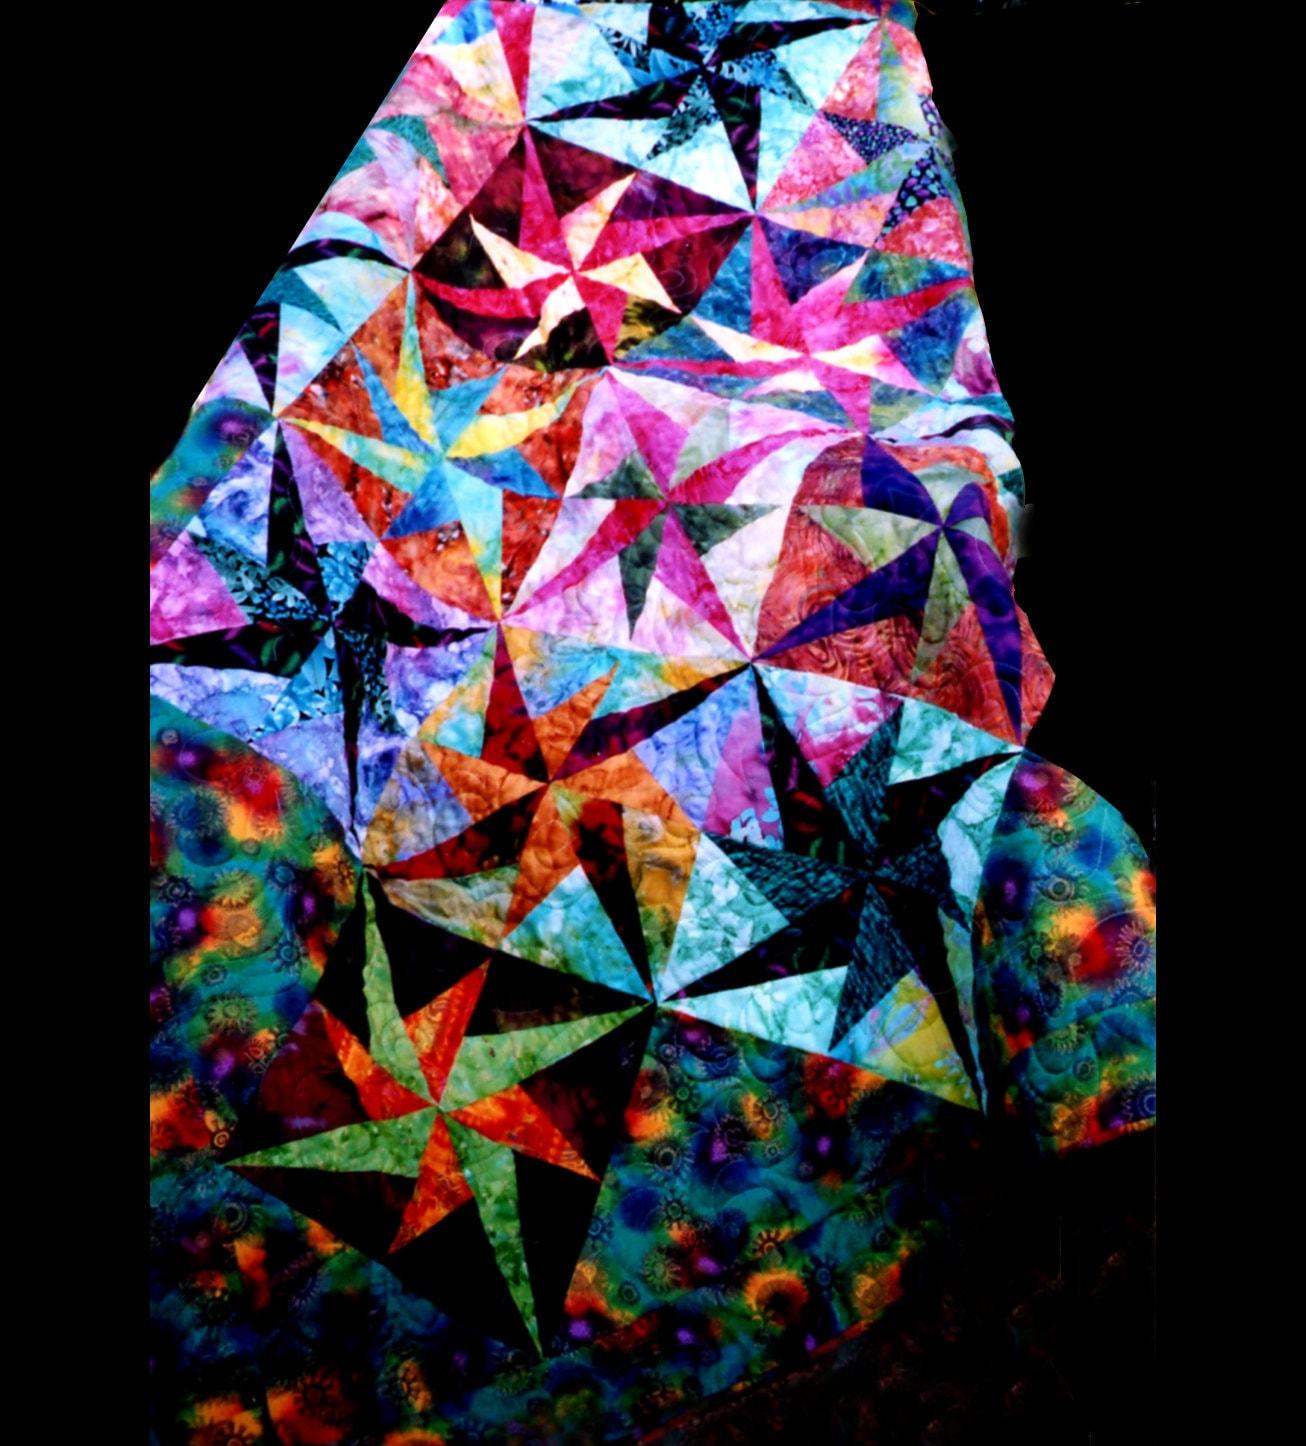 Moonlight Sonata Pottery Barn: MOONLIGHT SONATA Quilt Pattern Paper Pieced Uses Fabric